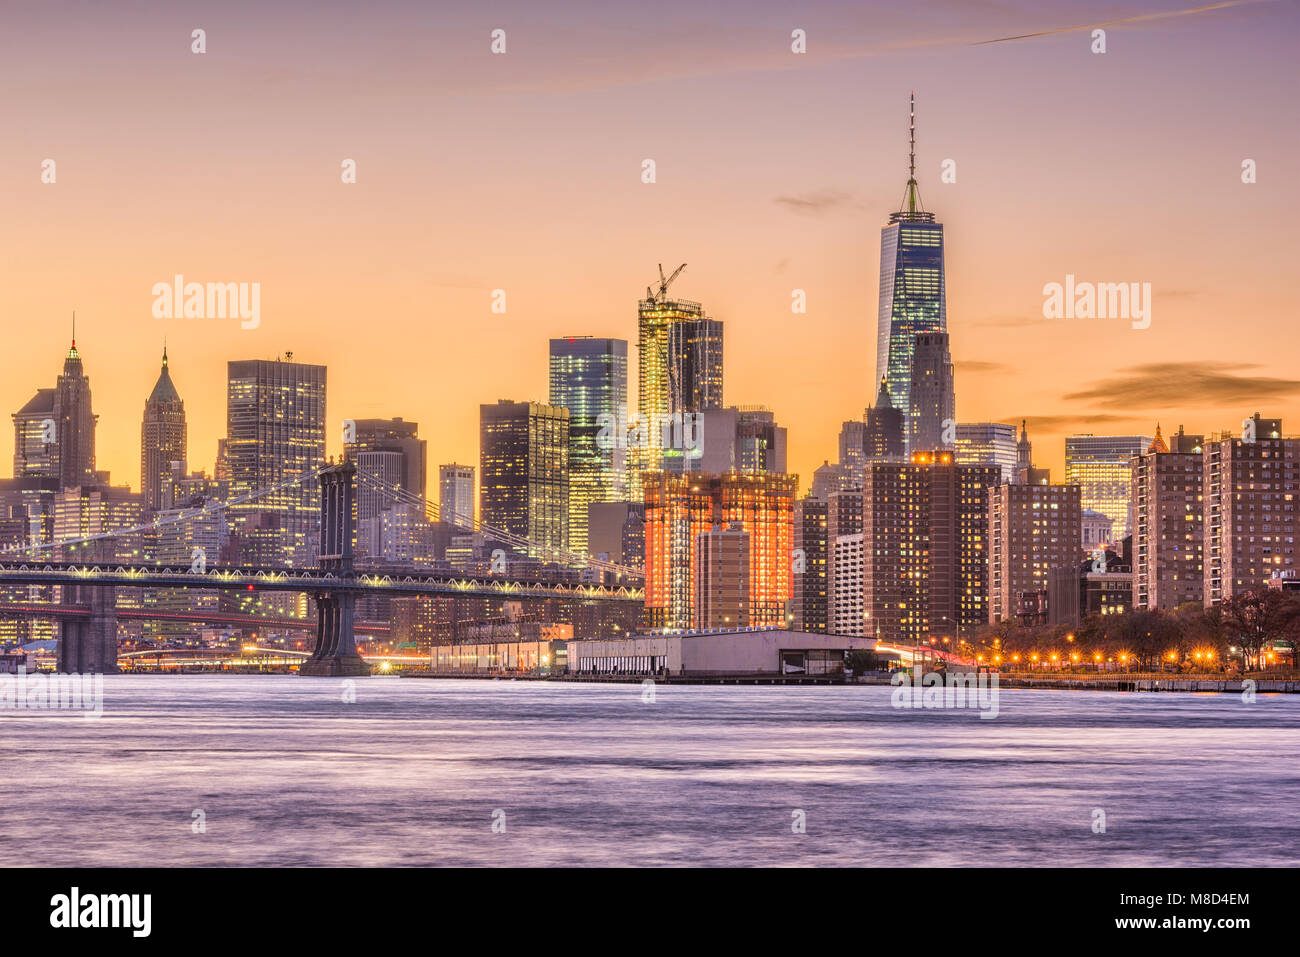 La ville de New York, USA sur l'horizon de l'East River avec pont de Brooklyn au crépuscule. Photo Stock